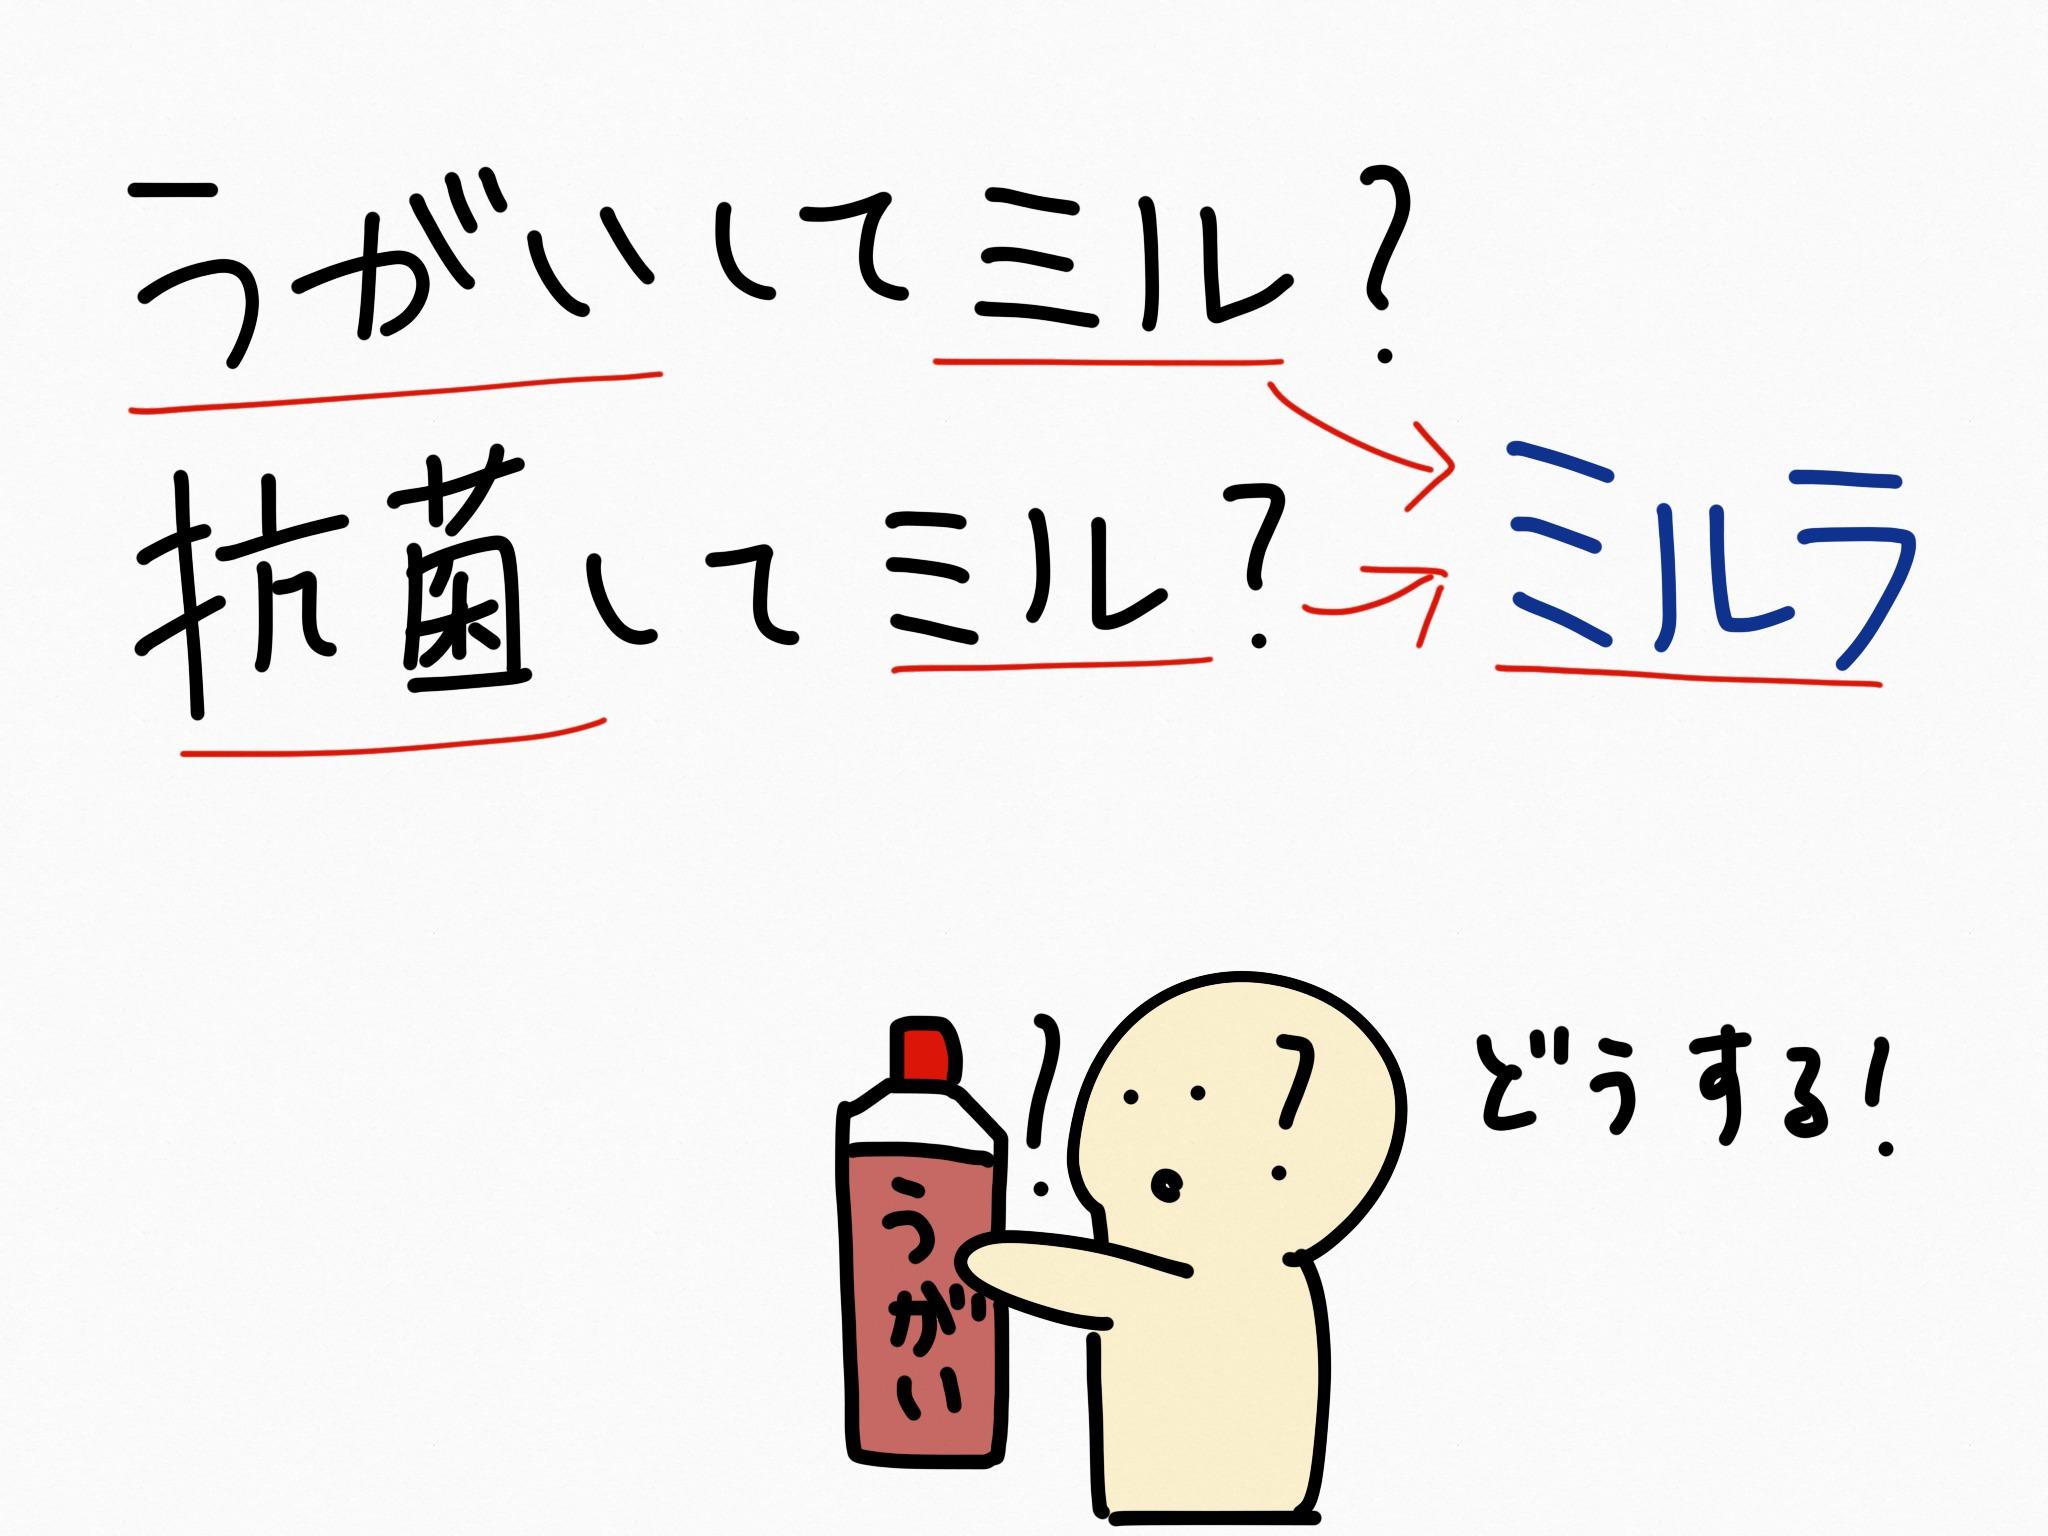 ミルラ[口腔咽喉薬他]生薬の覚え方・暗記方法・語呂合わせ